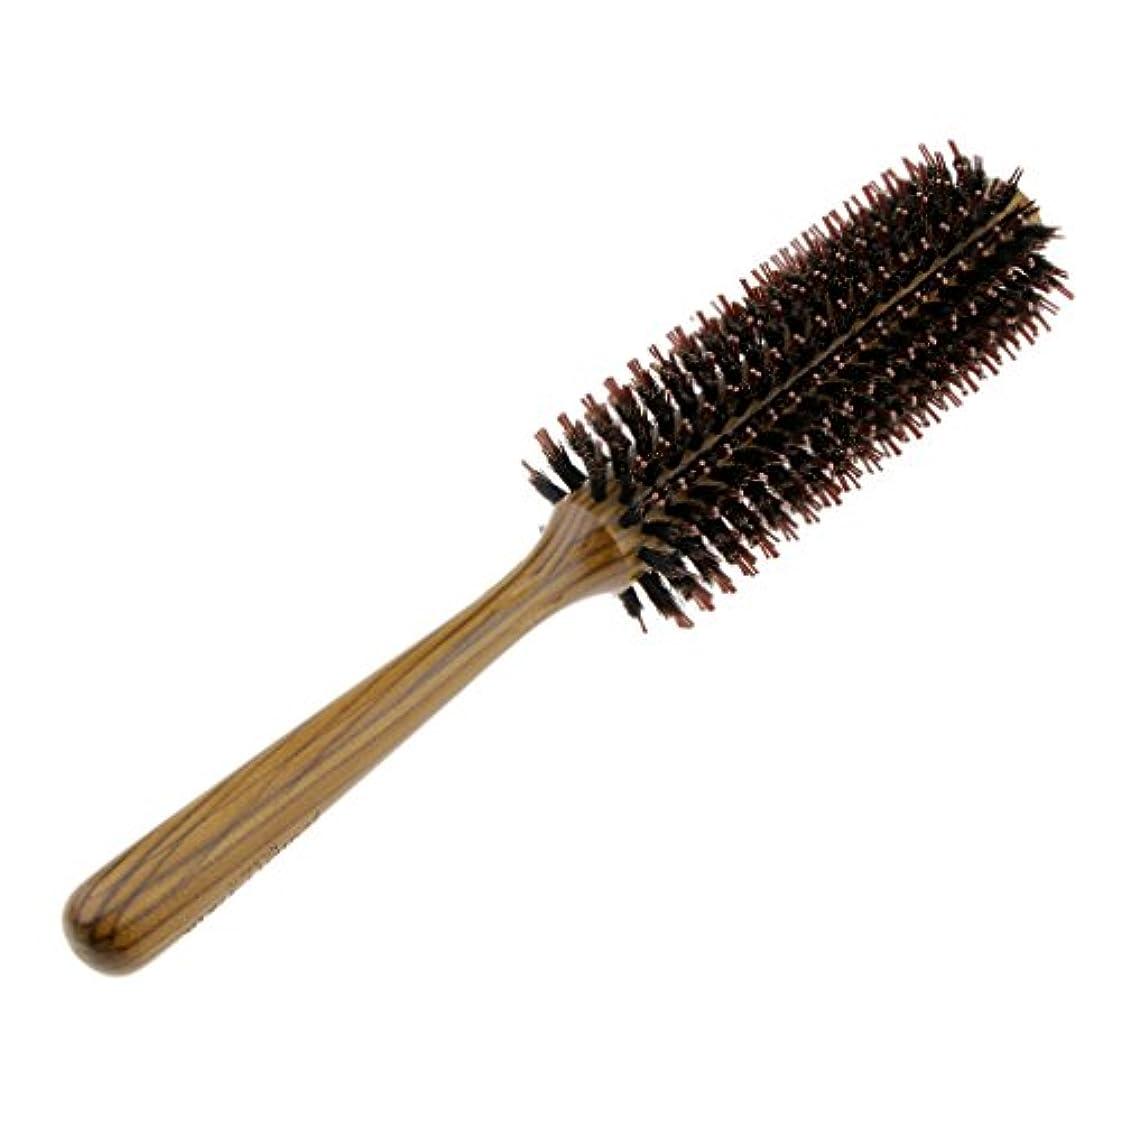 知性報告書ピューロールブラシ ヘアブラシ コーム ヘアスタイリング 櫛 くし カール 巻き髪 3サイズ選べる - L